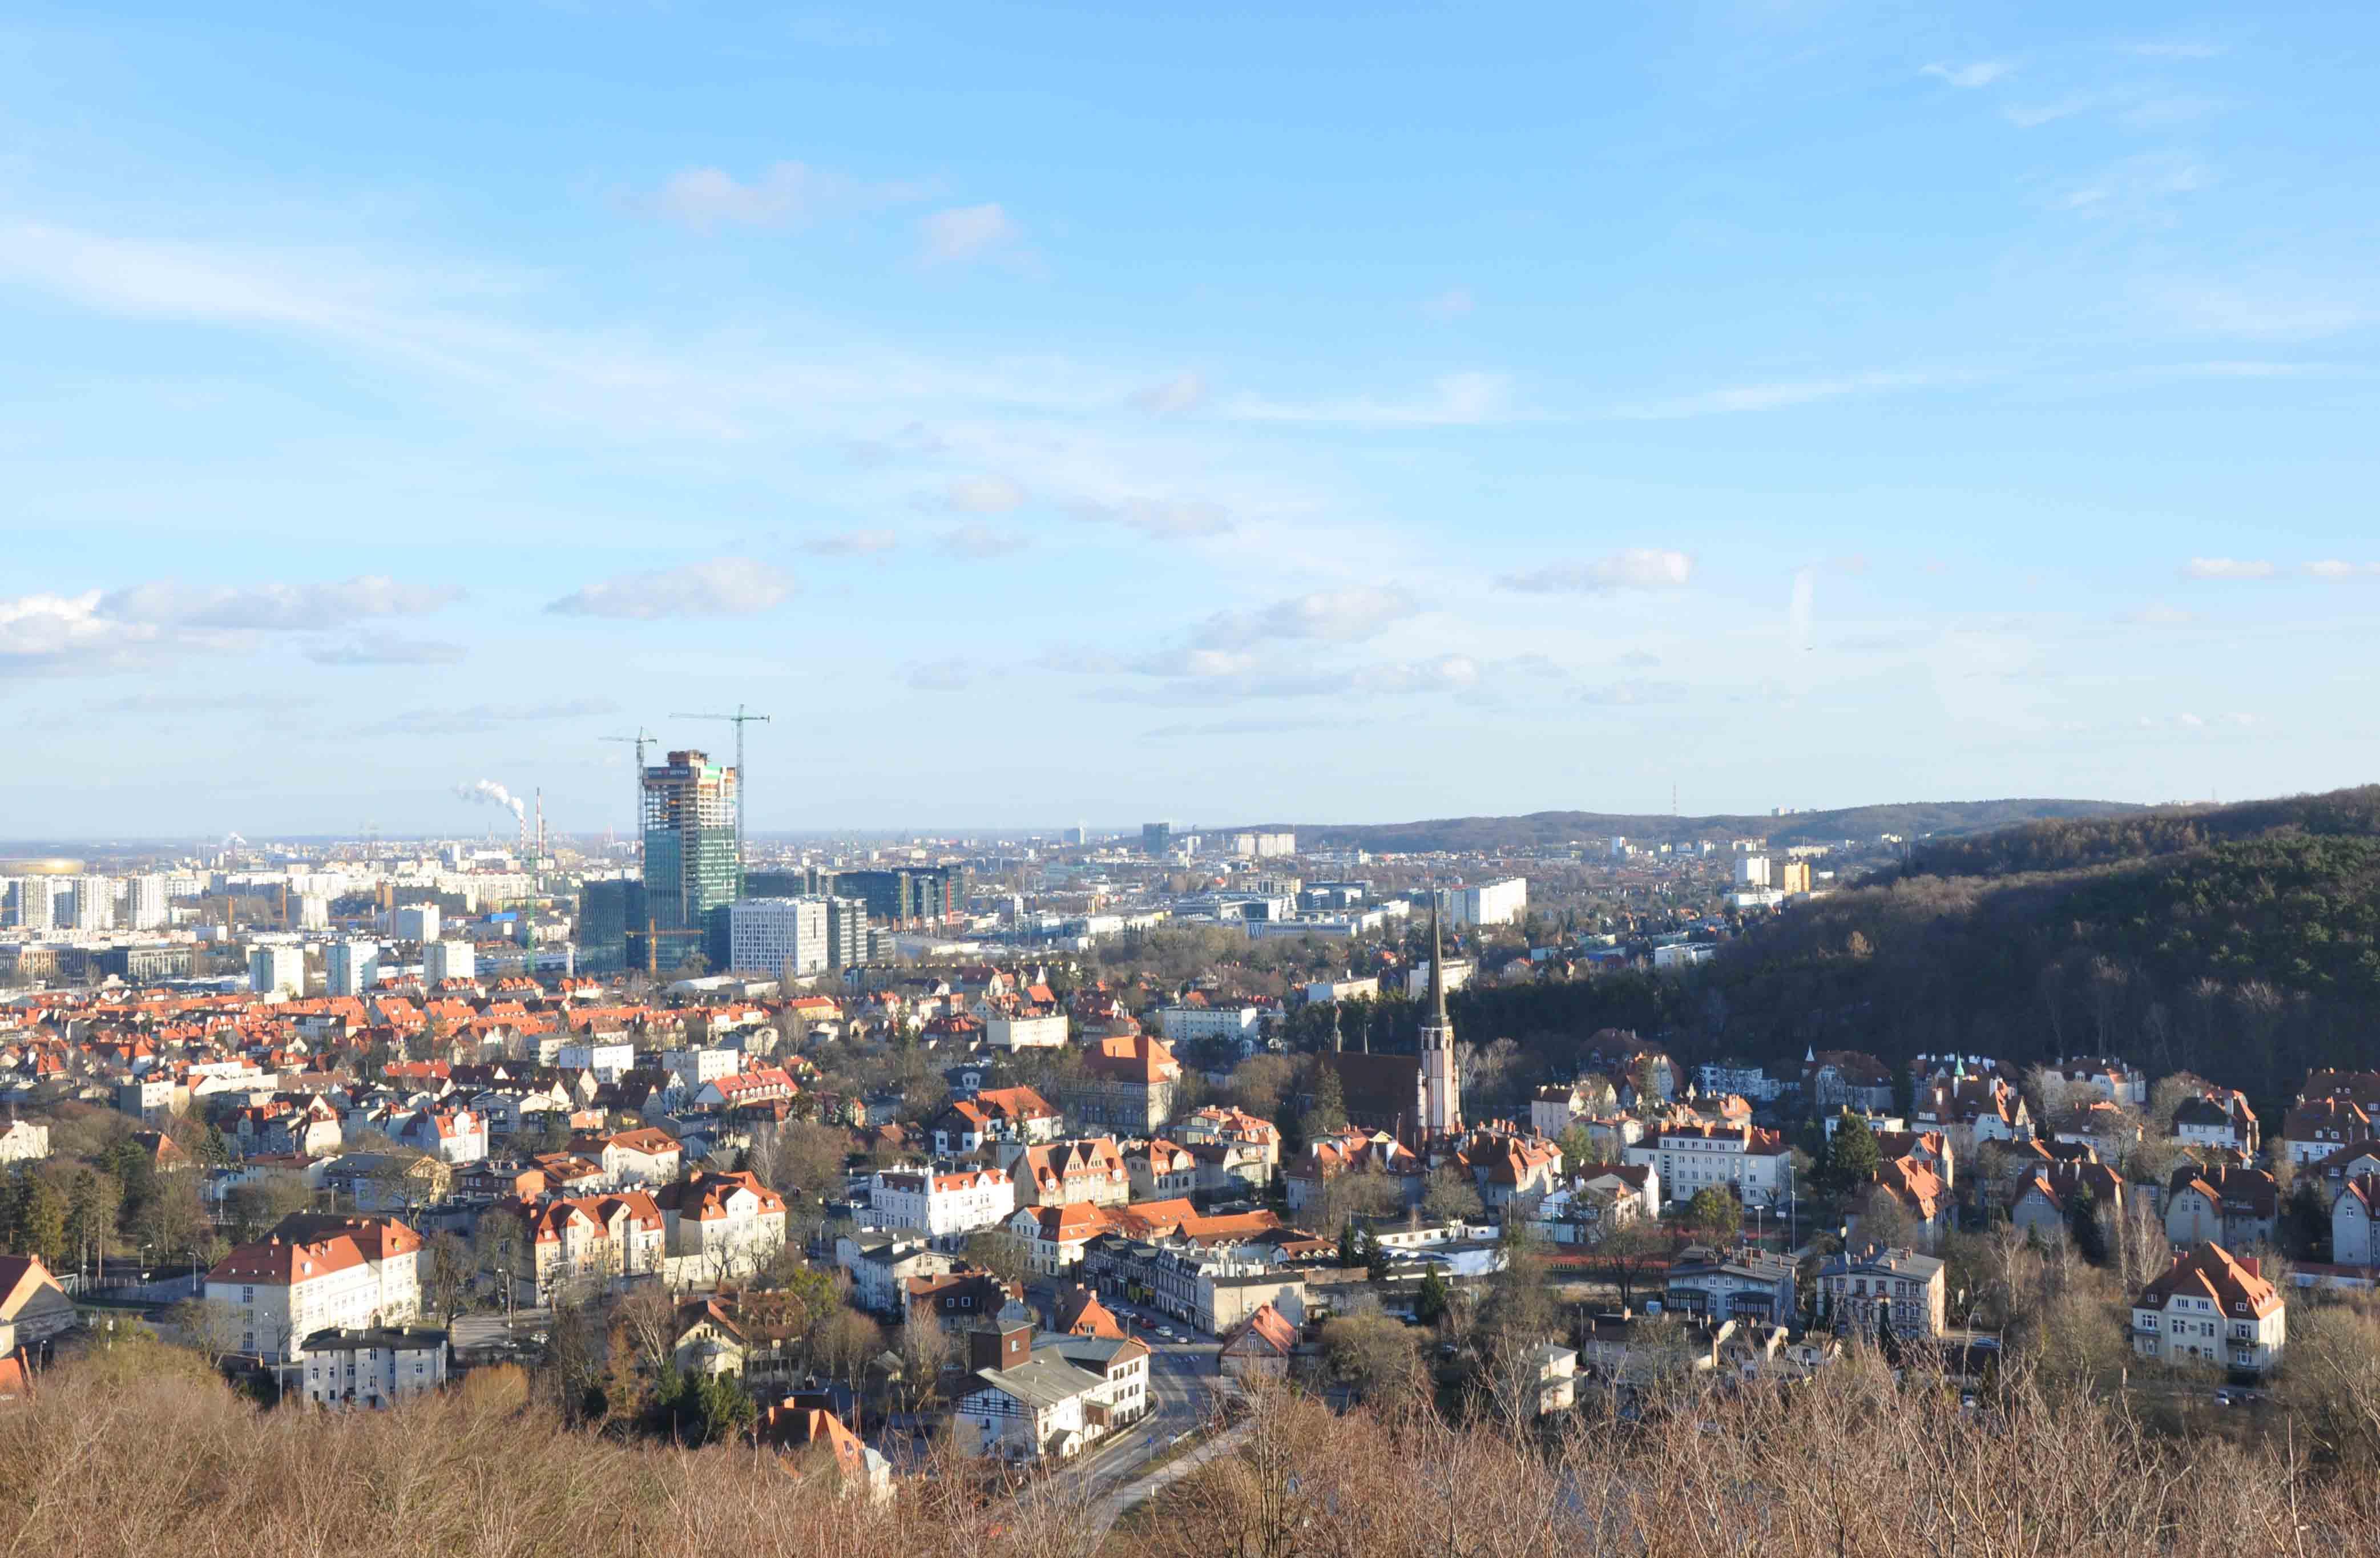 Observation Tower Pacholek, Gdansk